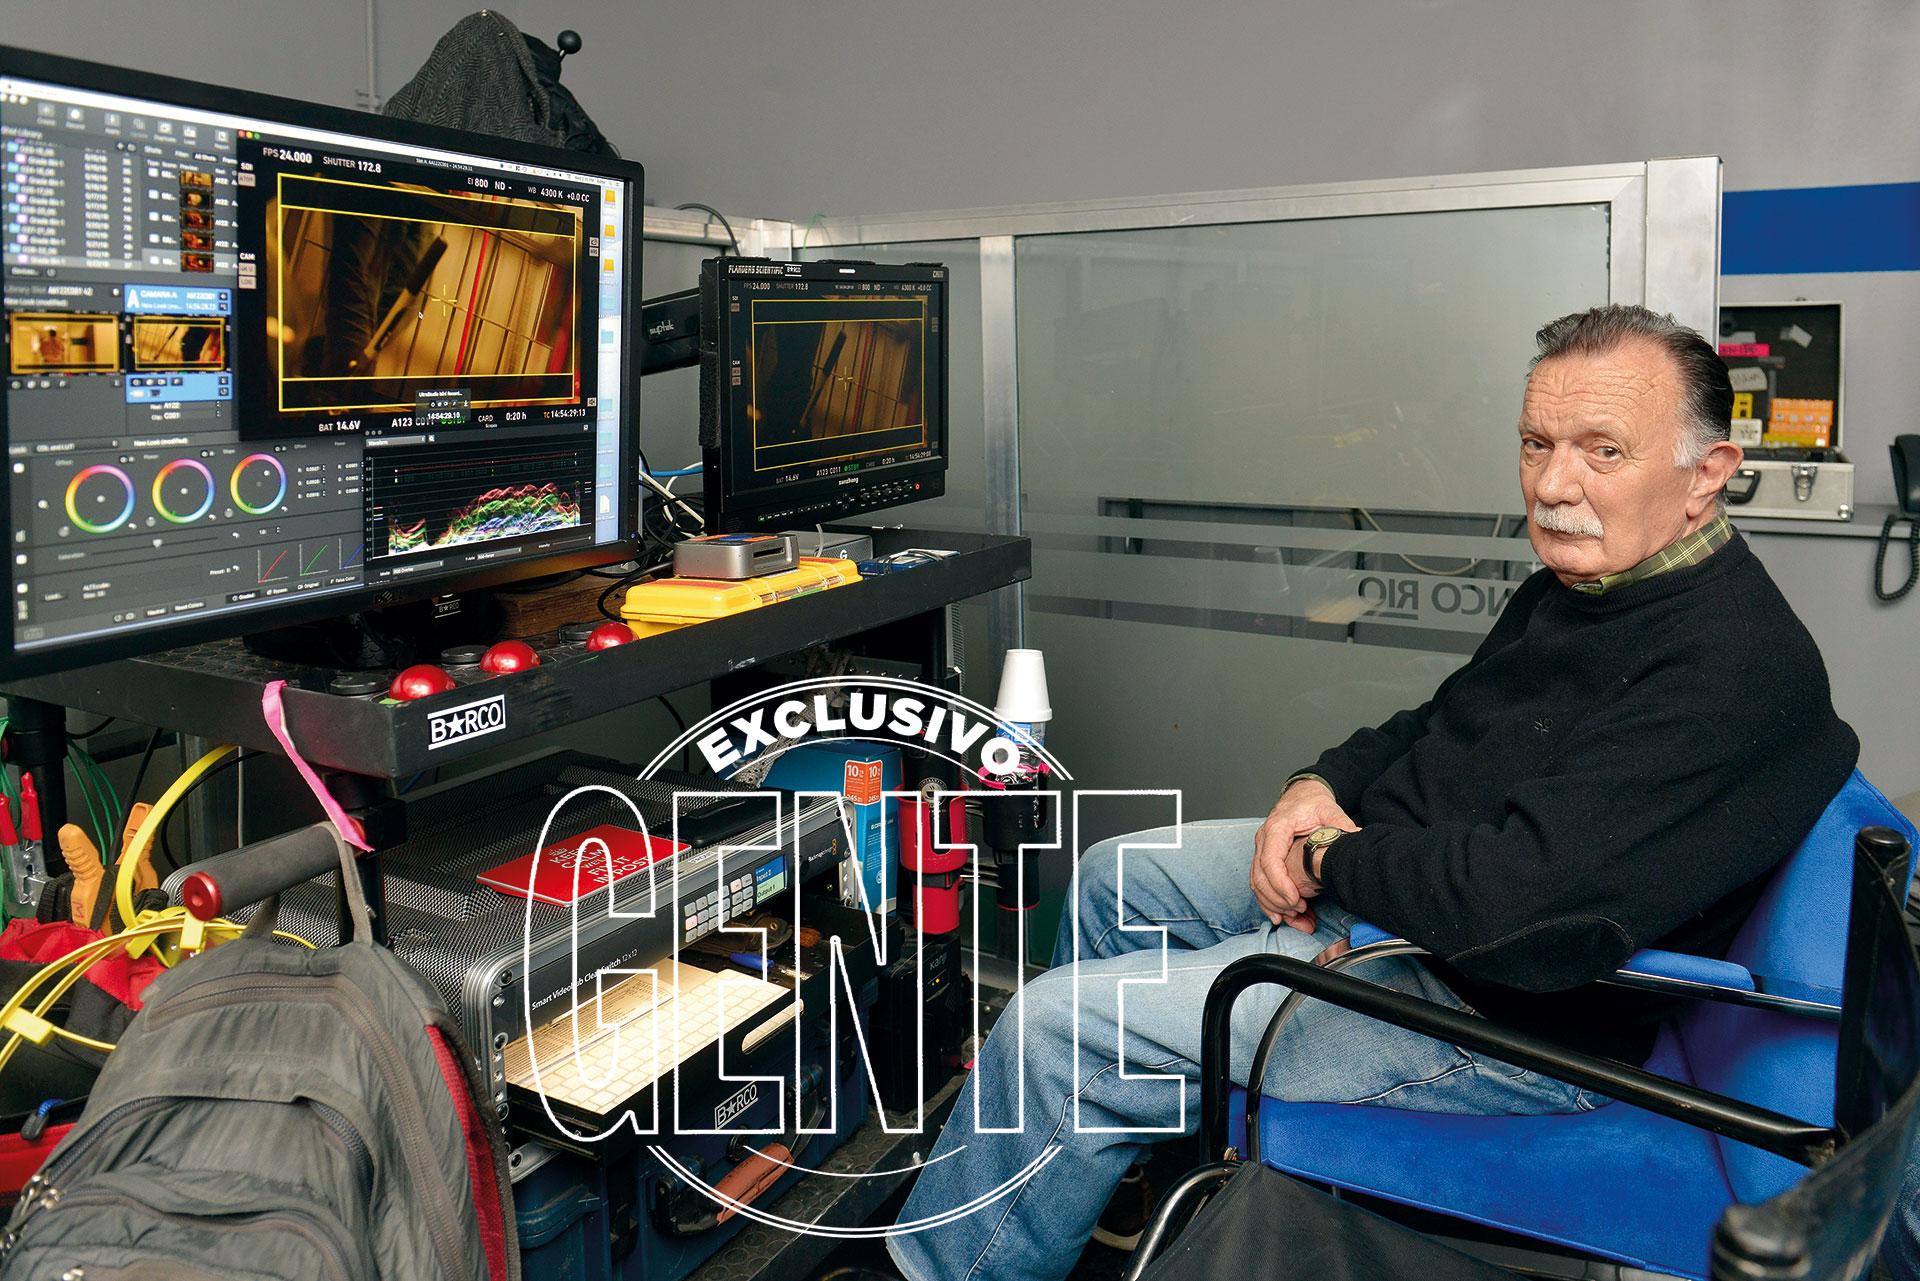 La dirección de fotografía recae en el legendario Félix Monti (81), quien formara parte del equipo de La historia oficial y El secreto de sus ojos, los dos largometrajes argentinos que obtuvieron el Oscar. El Chango, además es suegro de Juan José Campanella.